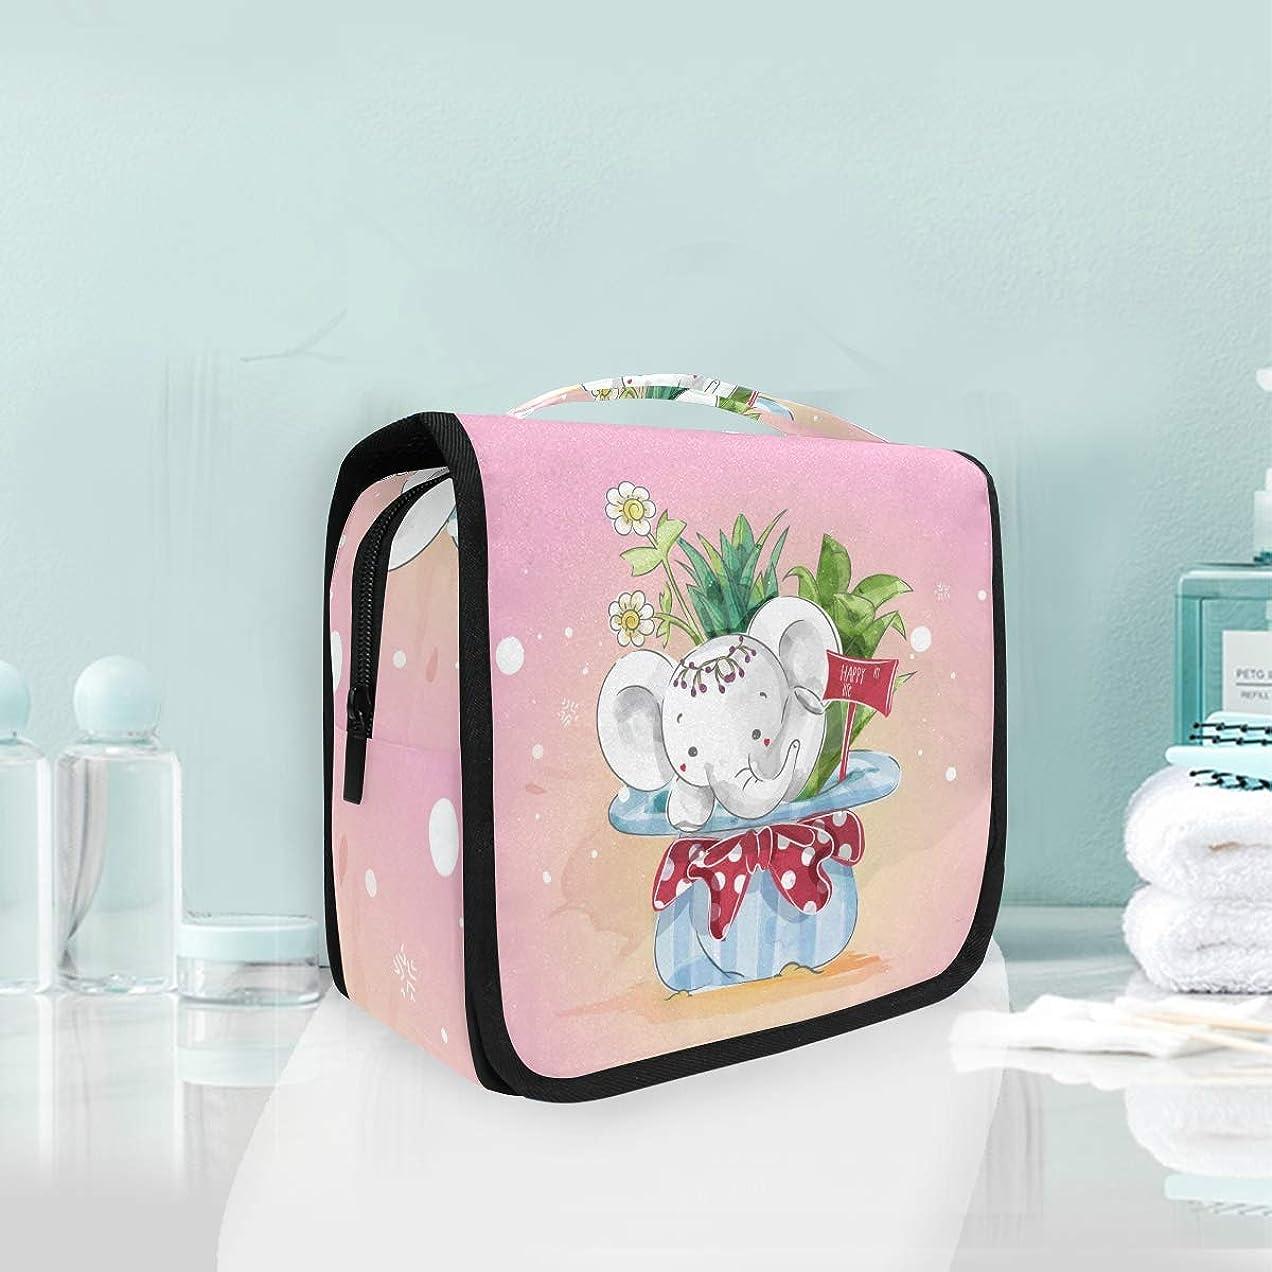 ぺディカブマトン解釈するピンクのクリスマス象ハンギング折りたたみトイレタリー化粧品袋メイク旅行オーガナイザーバッグケース用女性女の子浴室